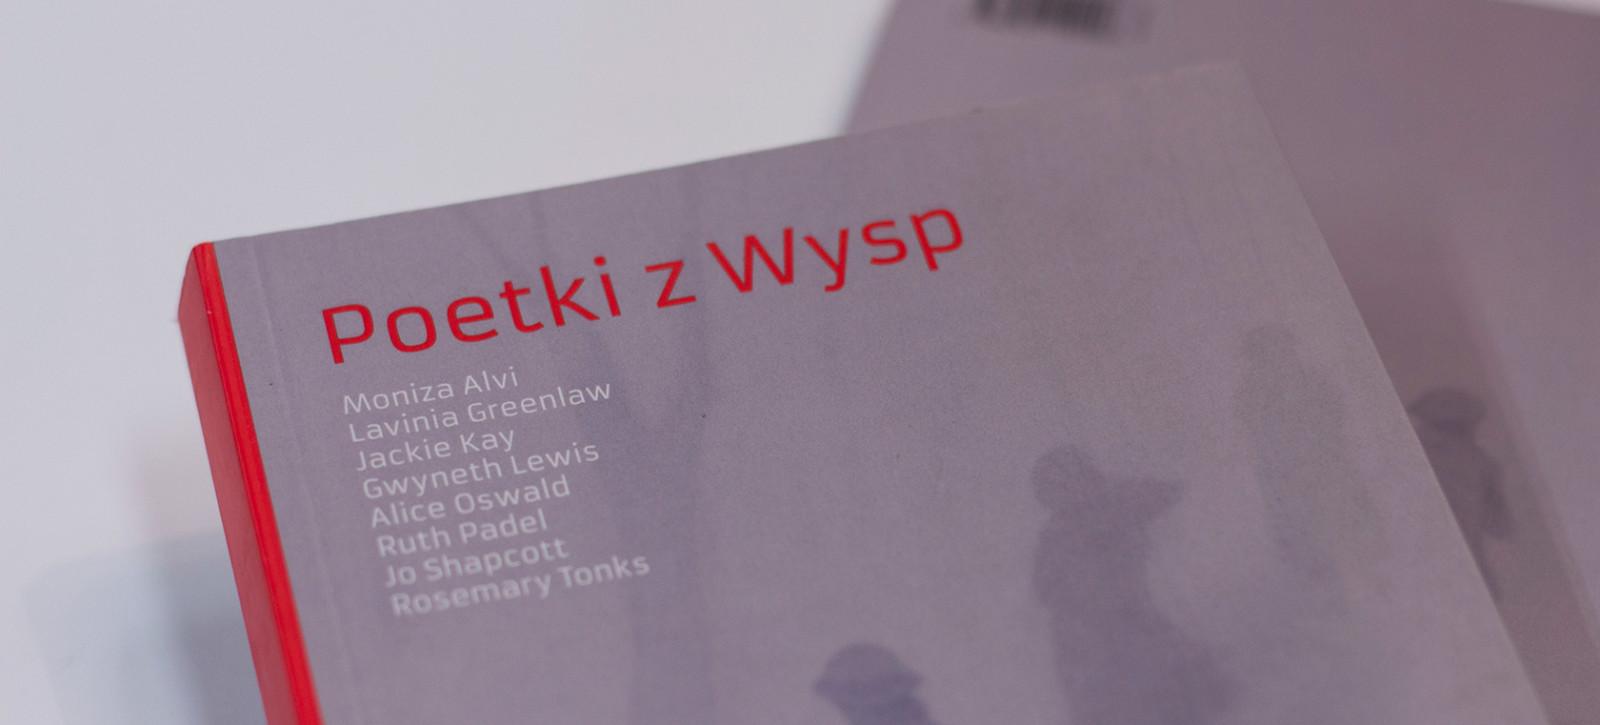 poetki_z_wysp_1